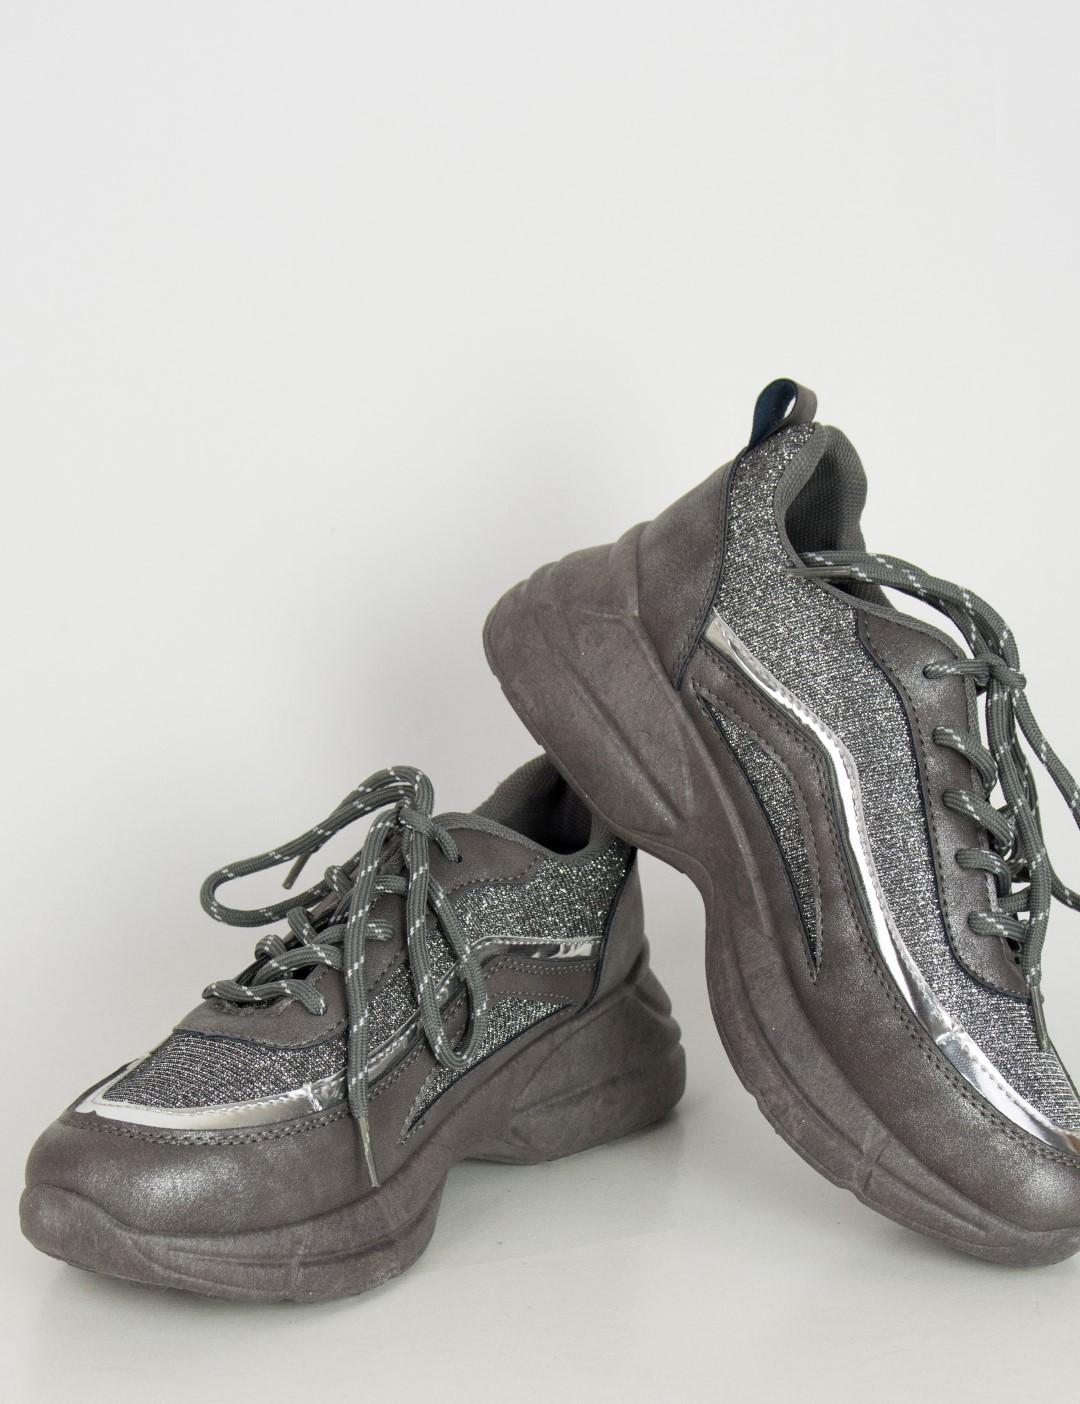 Γυναικεία γκρι αθλητικά Sneakers παπούτσια με glitter J2F 977b22d901f